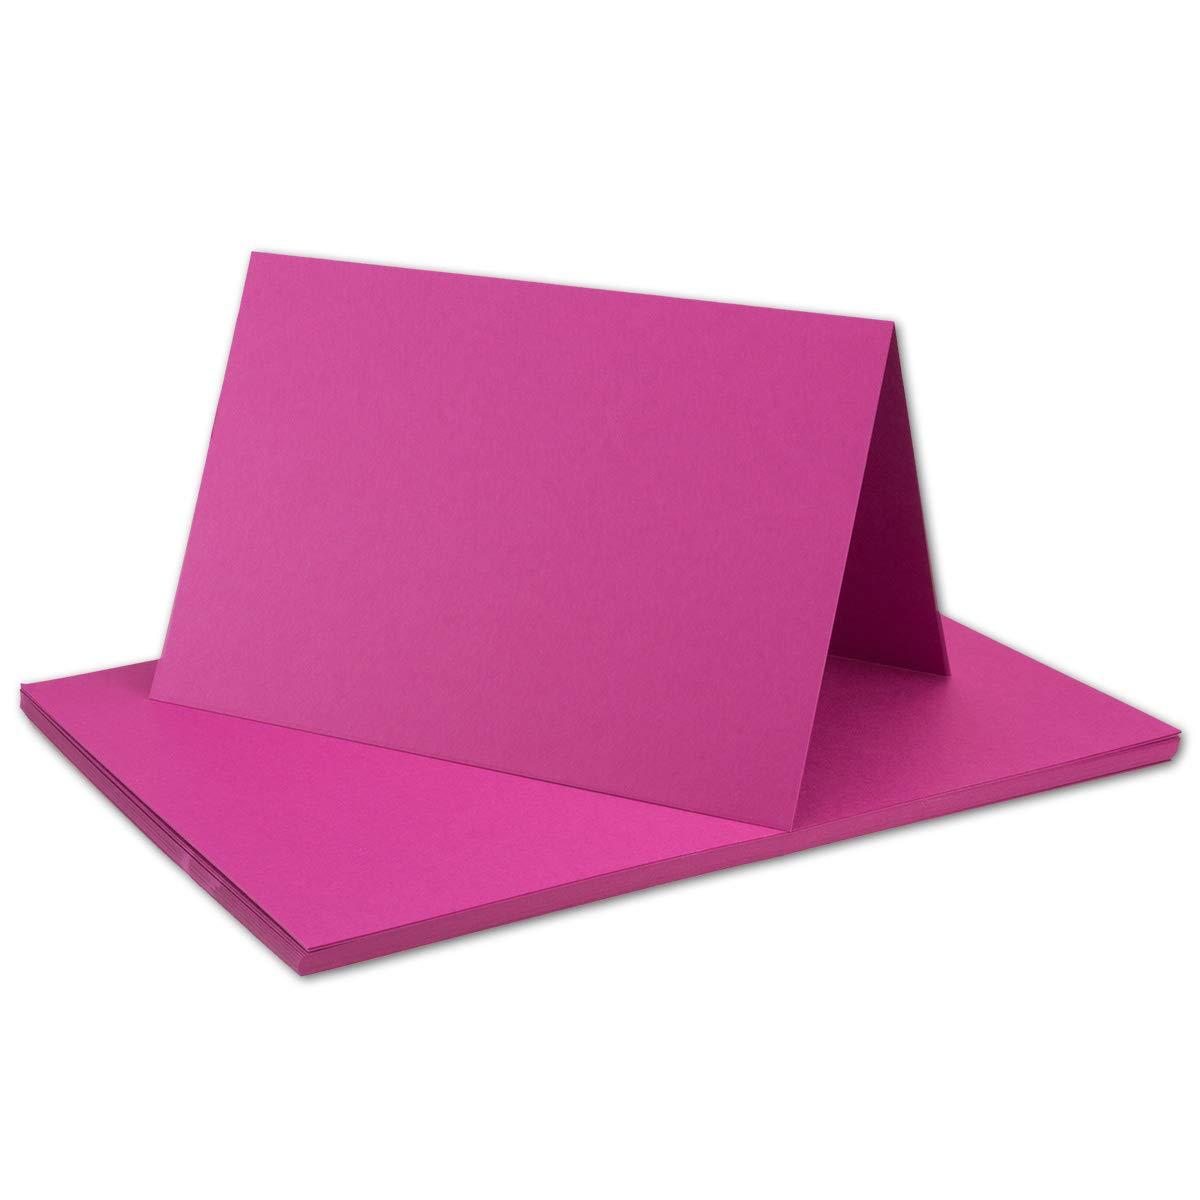 250x Falt-Karten DIN DIN DIN A6 Blanko Doppel-Karten in Hochweiß Kristallweiß -10,5 x 14,8 cm   Premium Qualität   FarbenFroh® B079T97966 Kartenkartons Sonderangebot 68f321